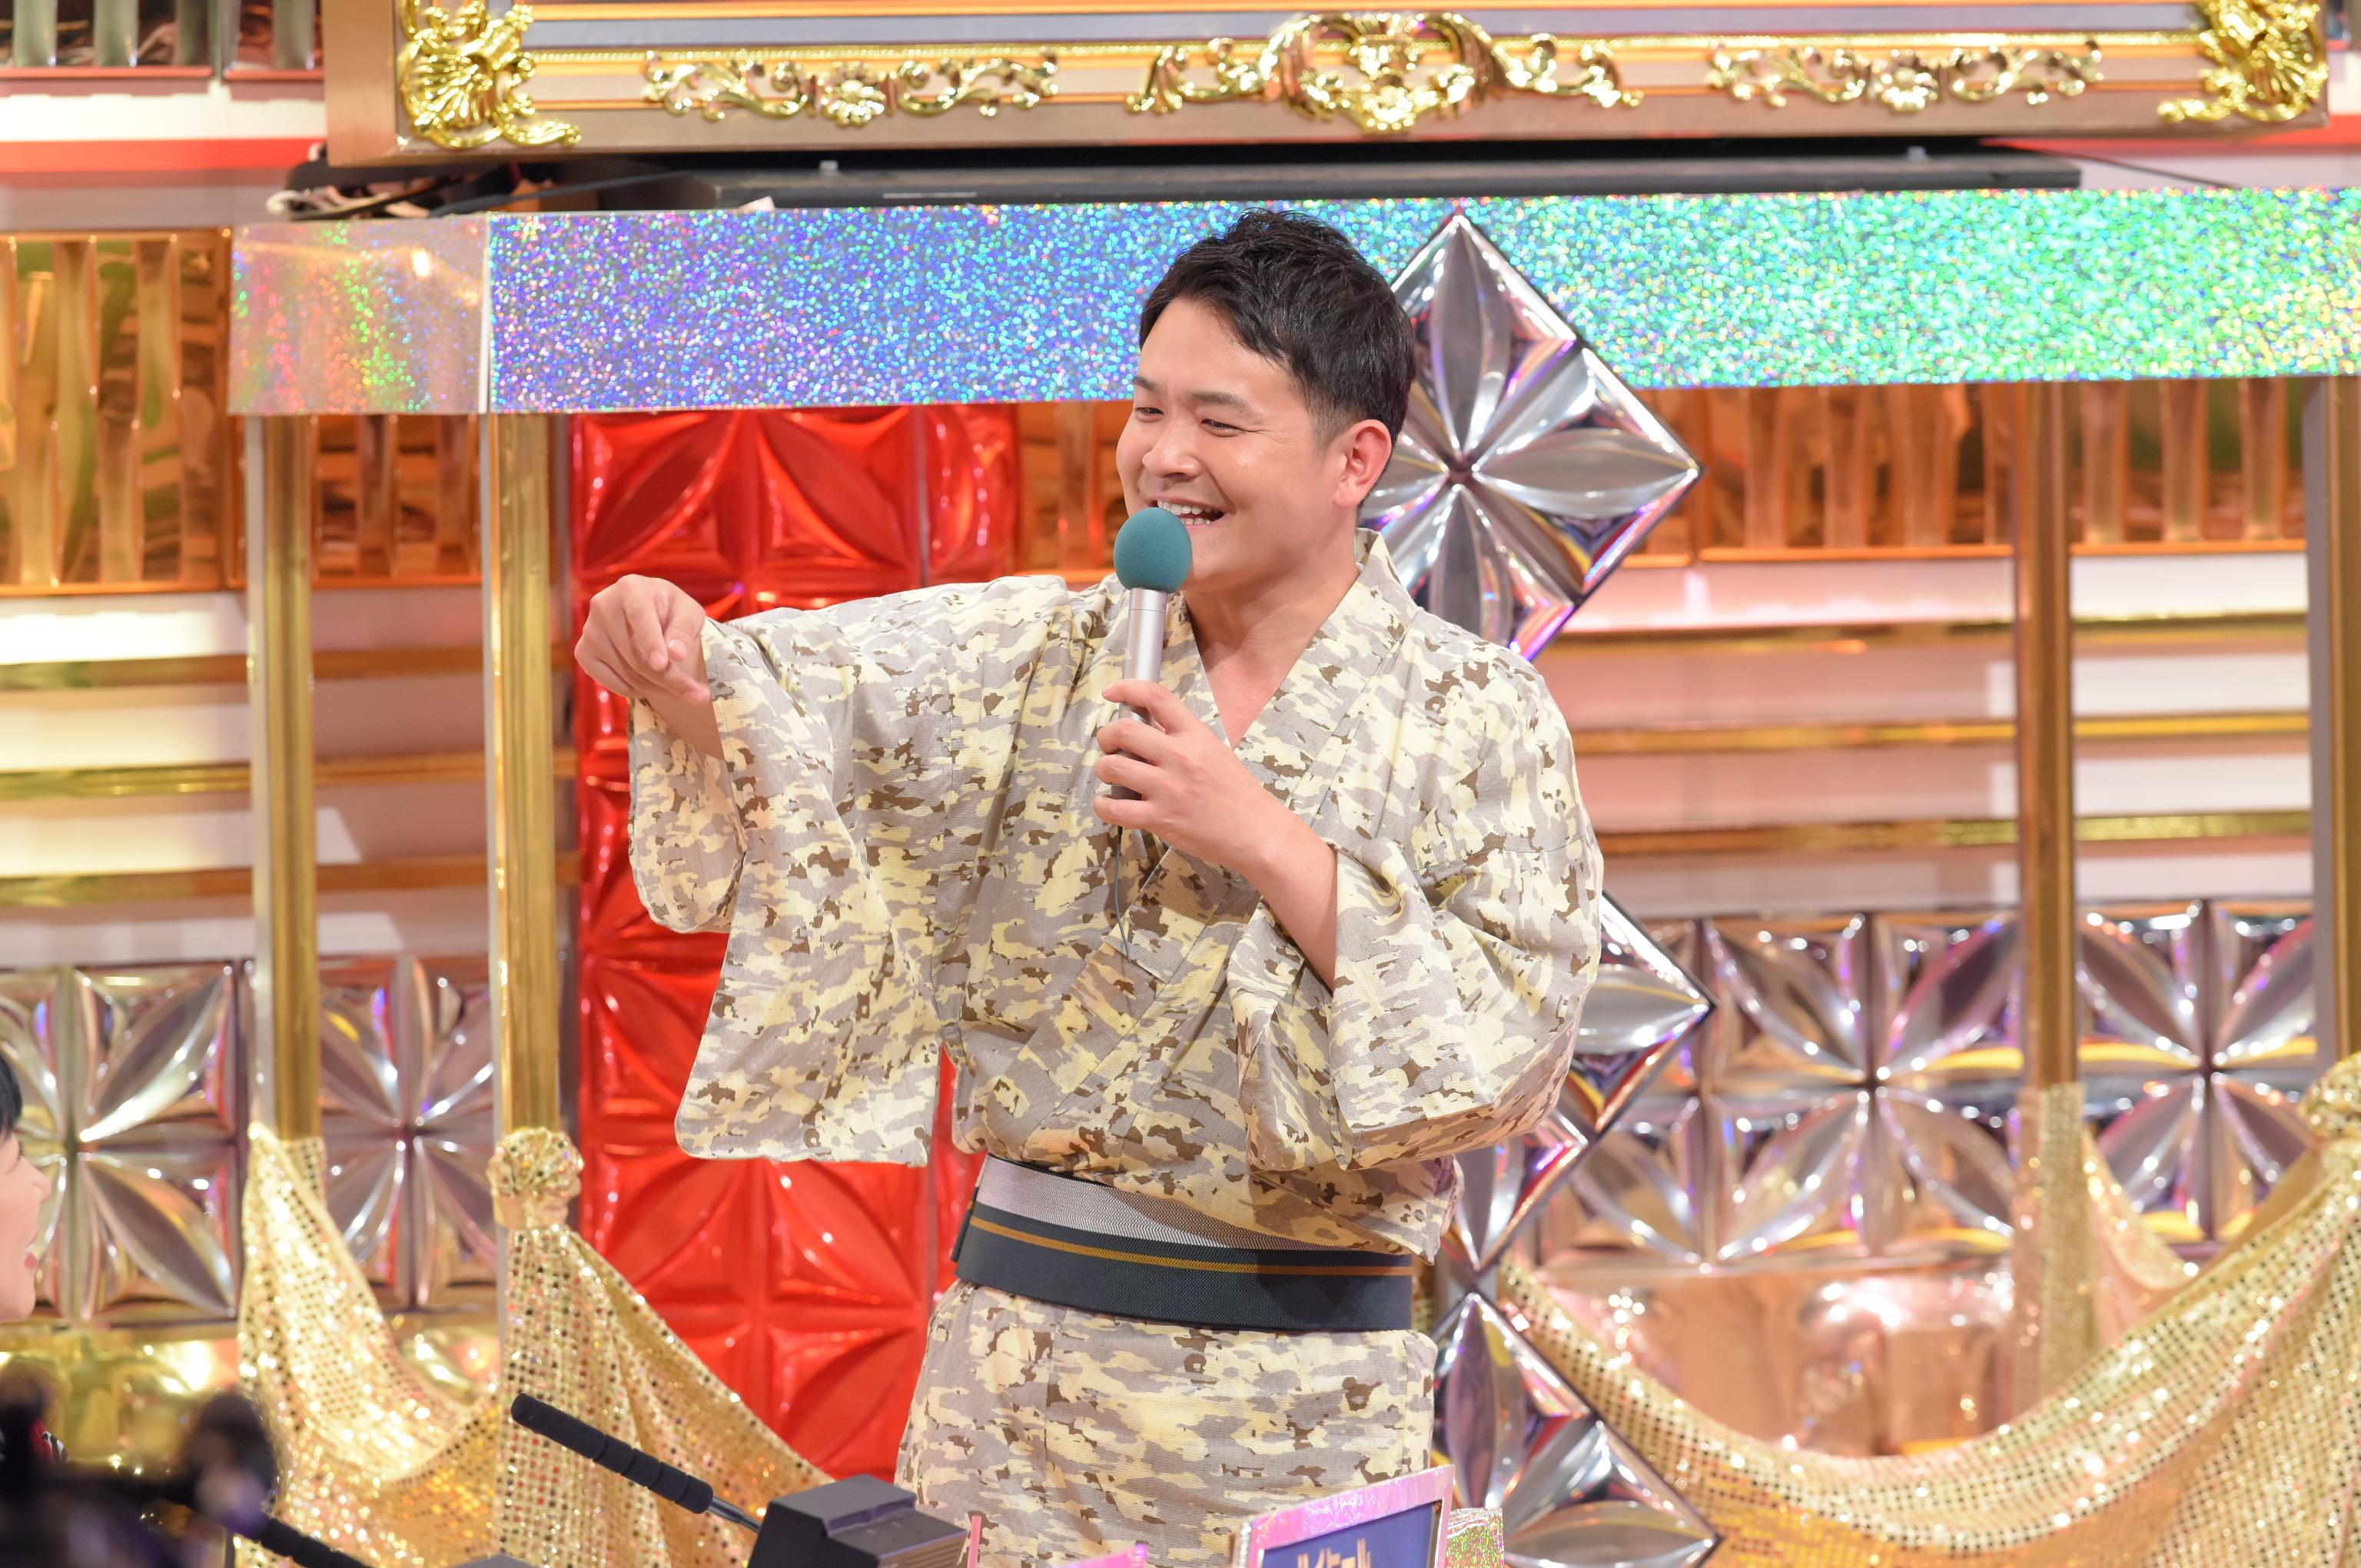 http://news.yoshimoto.co.jp/20170712104454-4ef938e6b2e12b12278ecd6a9f66a57c559cc8d4.jpg